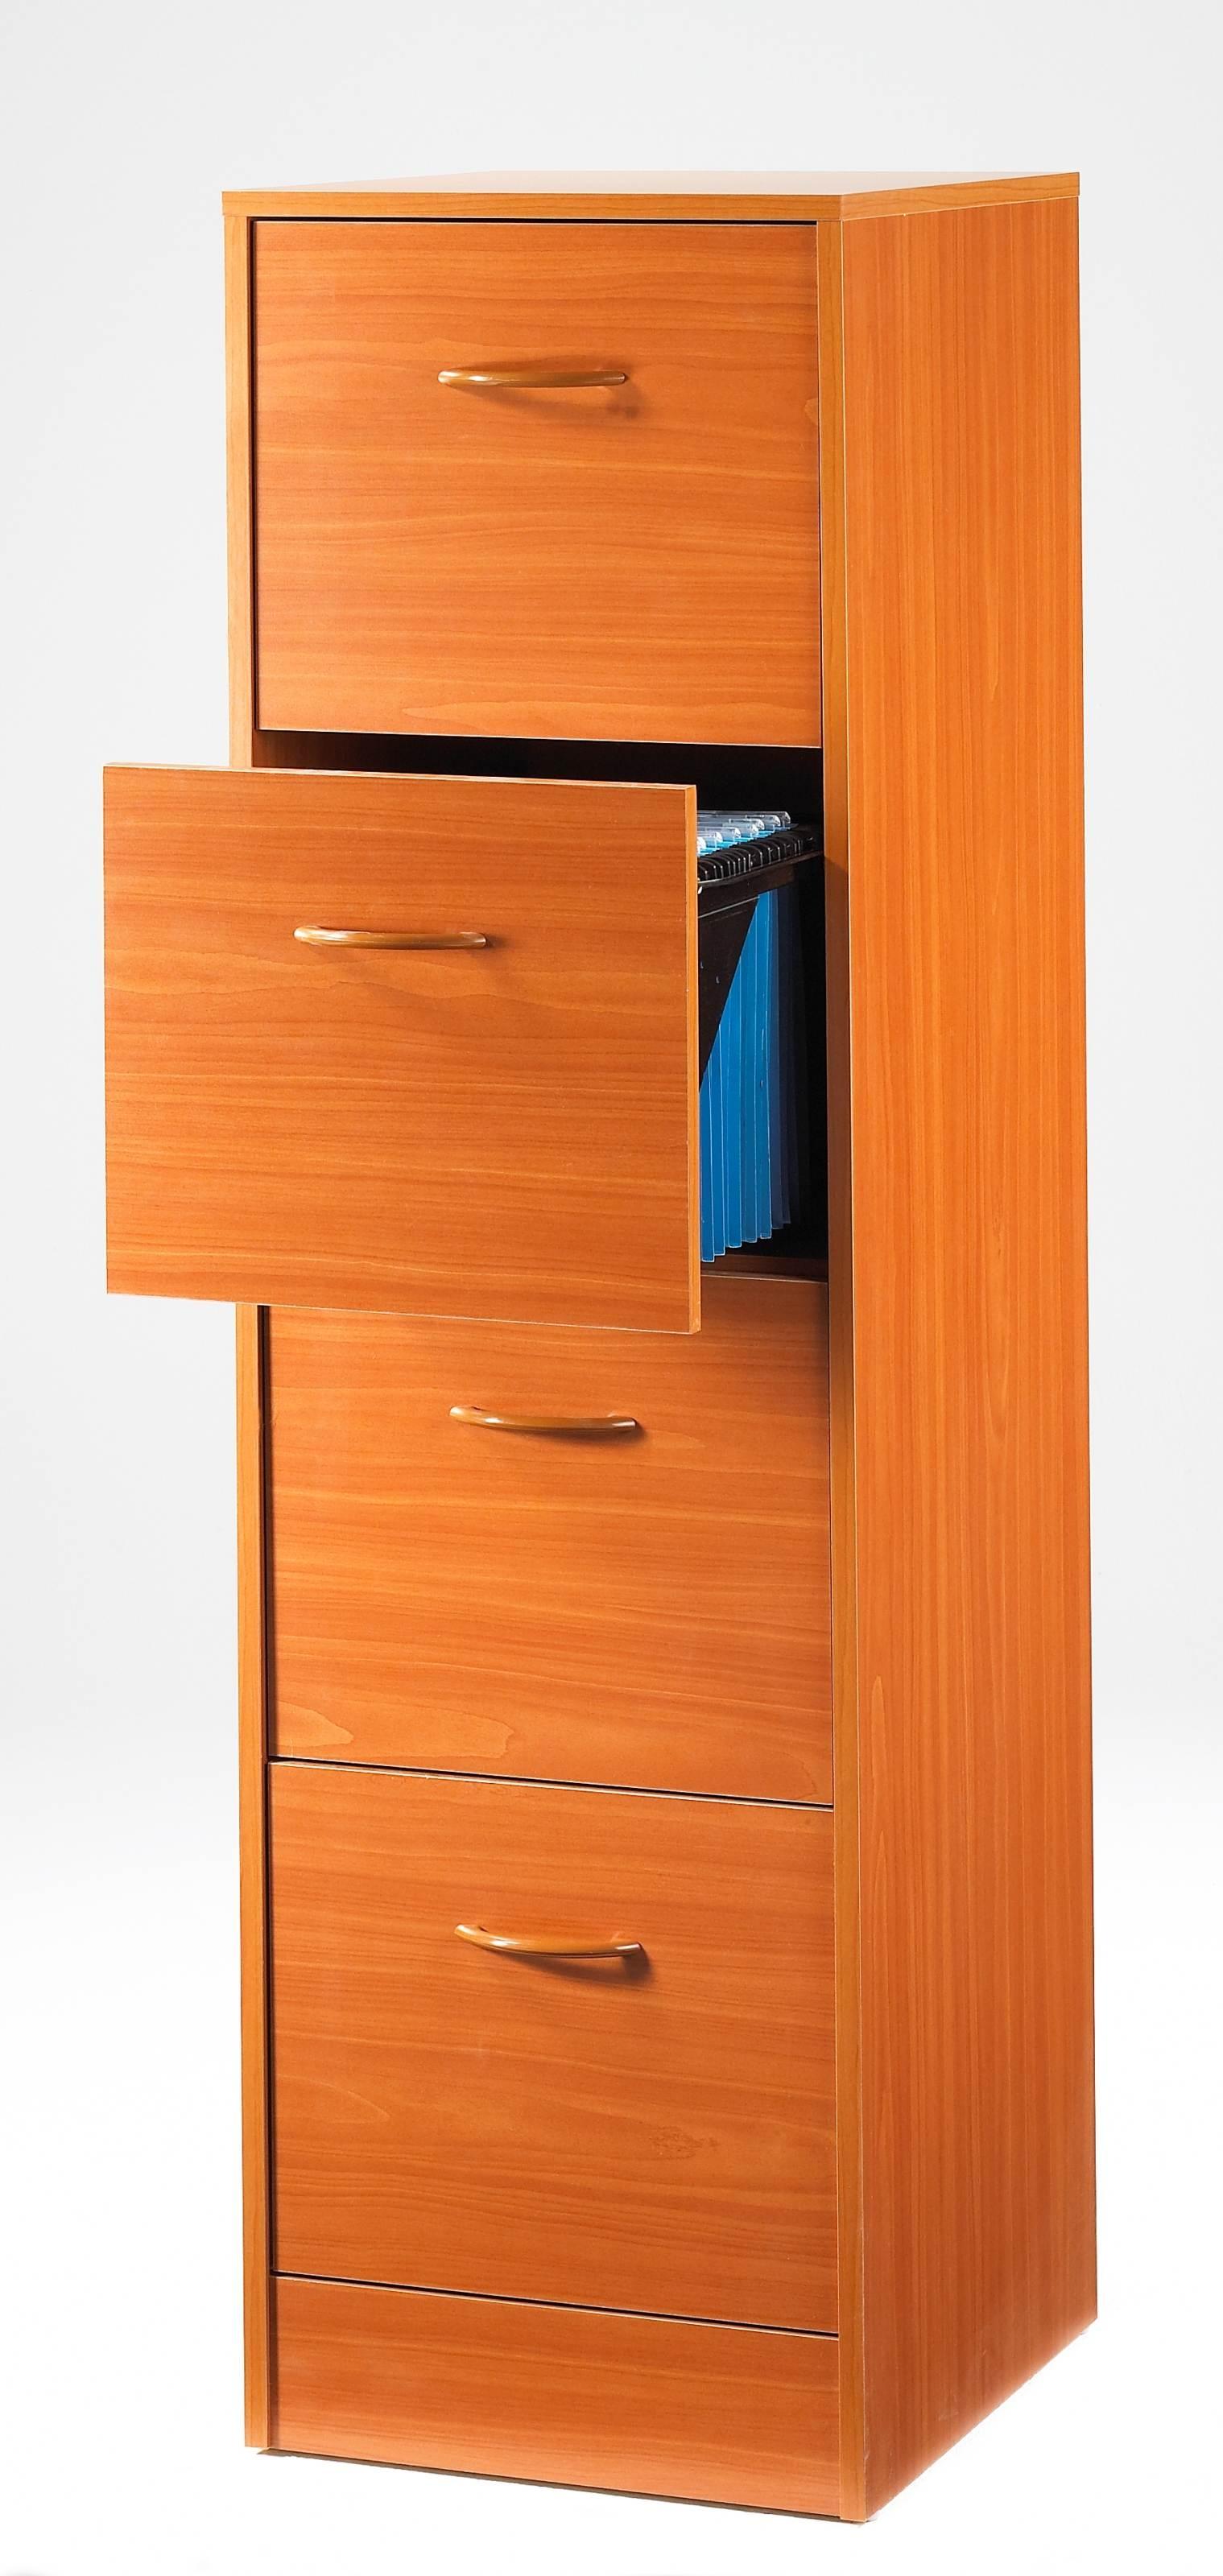 classeur a dossier suspendu pas cher classeur dossier suspendu pas cher etagere snail. Black Bedroom Furniture Sets. Home Design Ideas